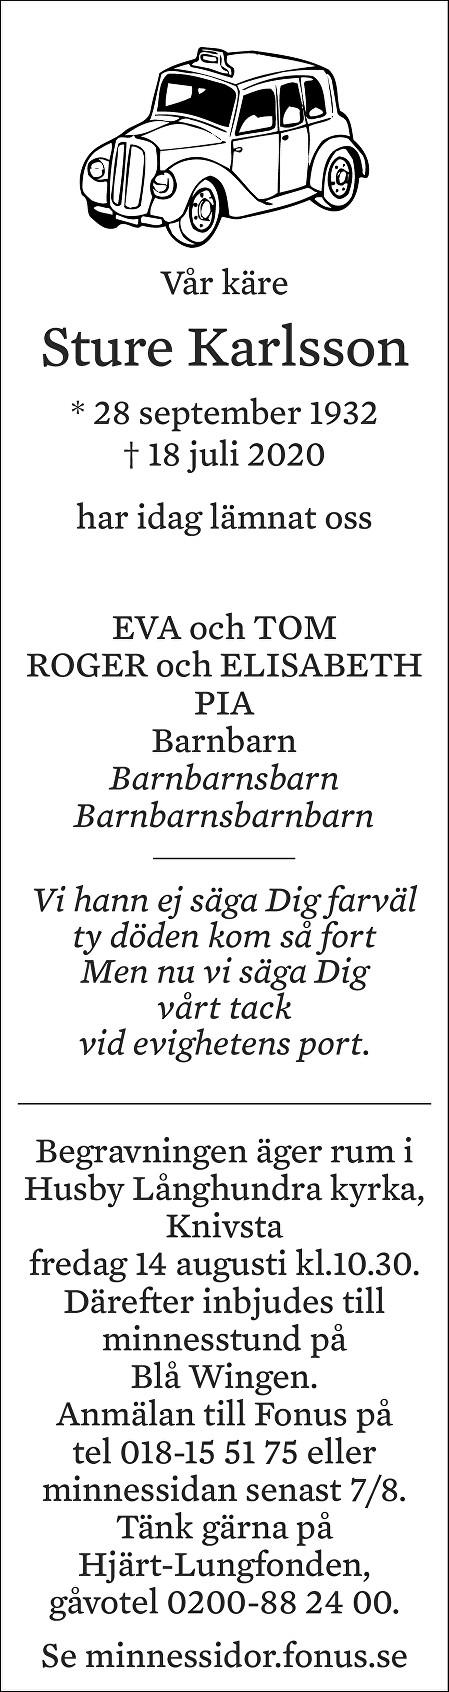 Sture Karlsson Death notice